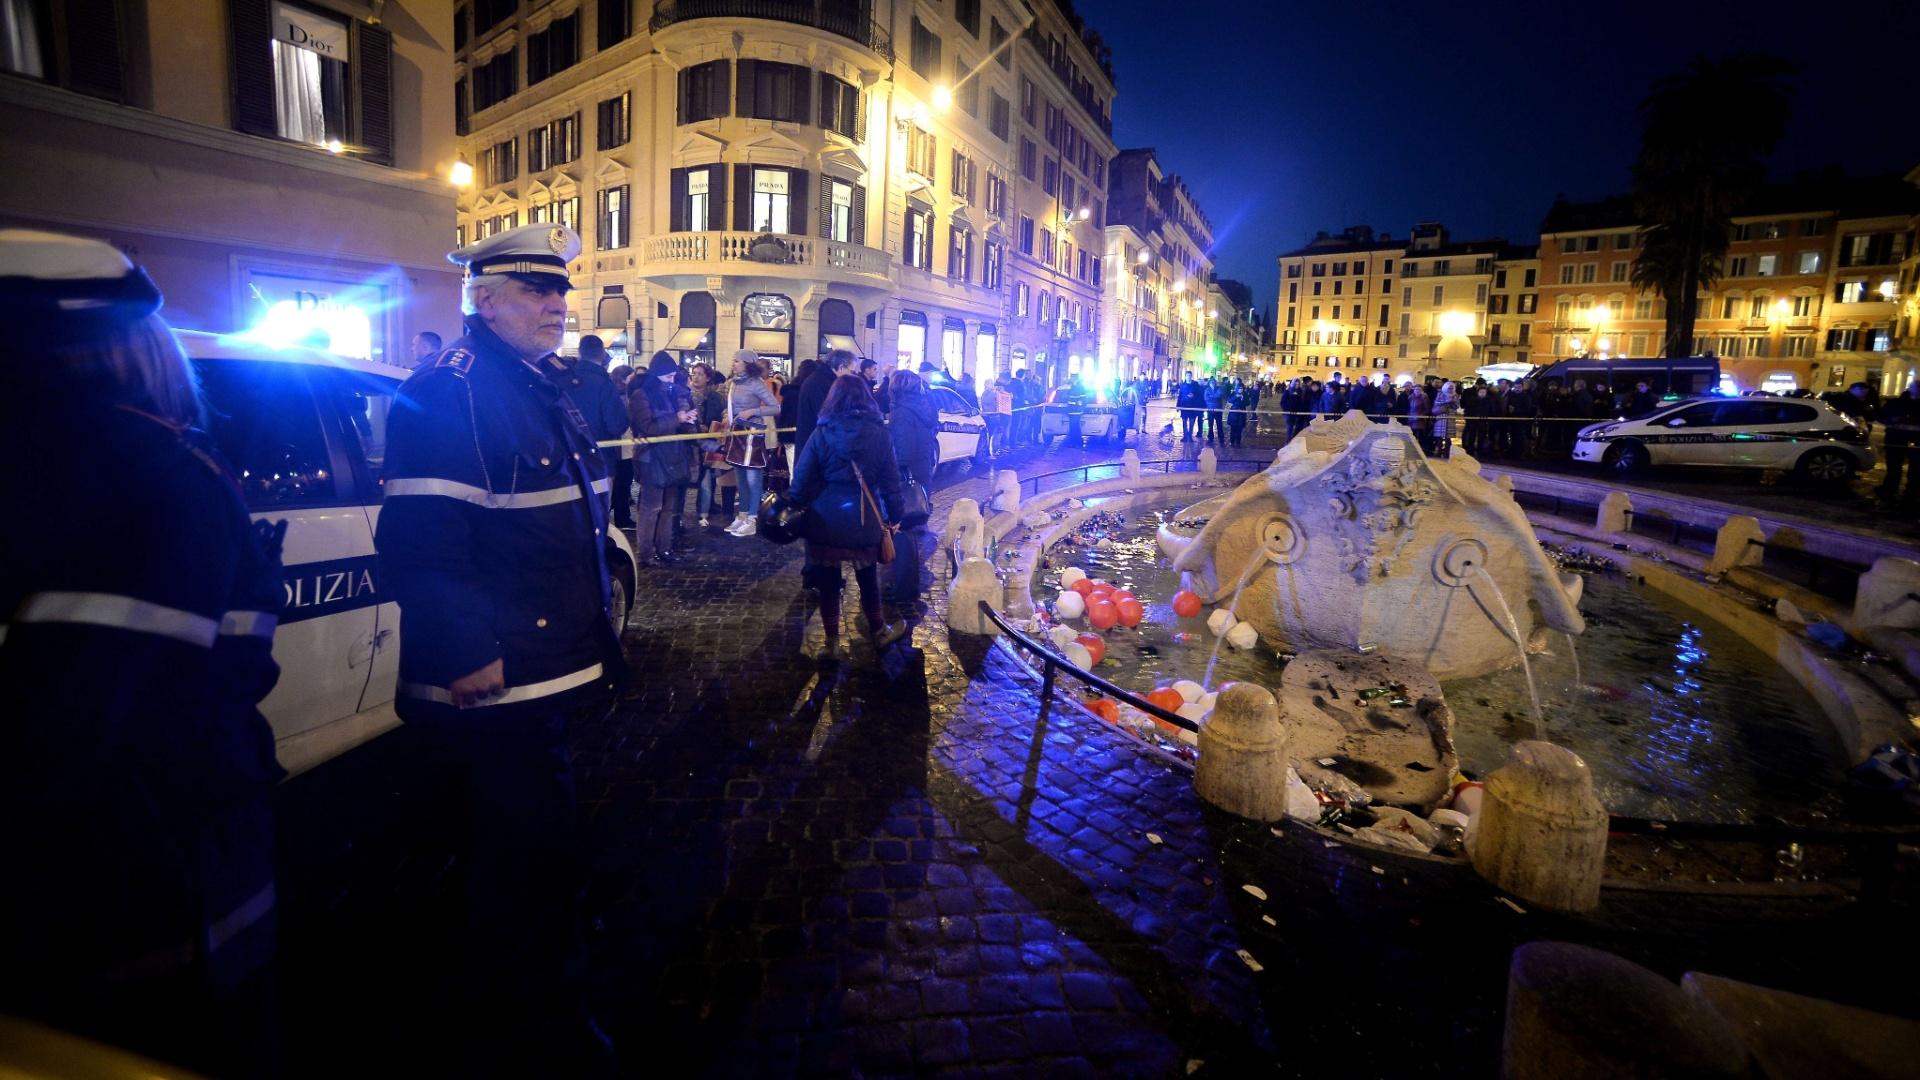 Segundo a polícia italiana, 22 torcedores foram detidos após o confronto